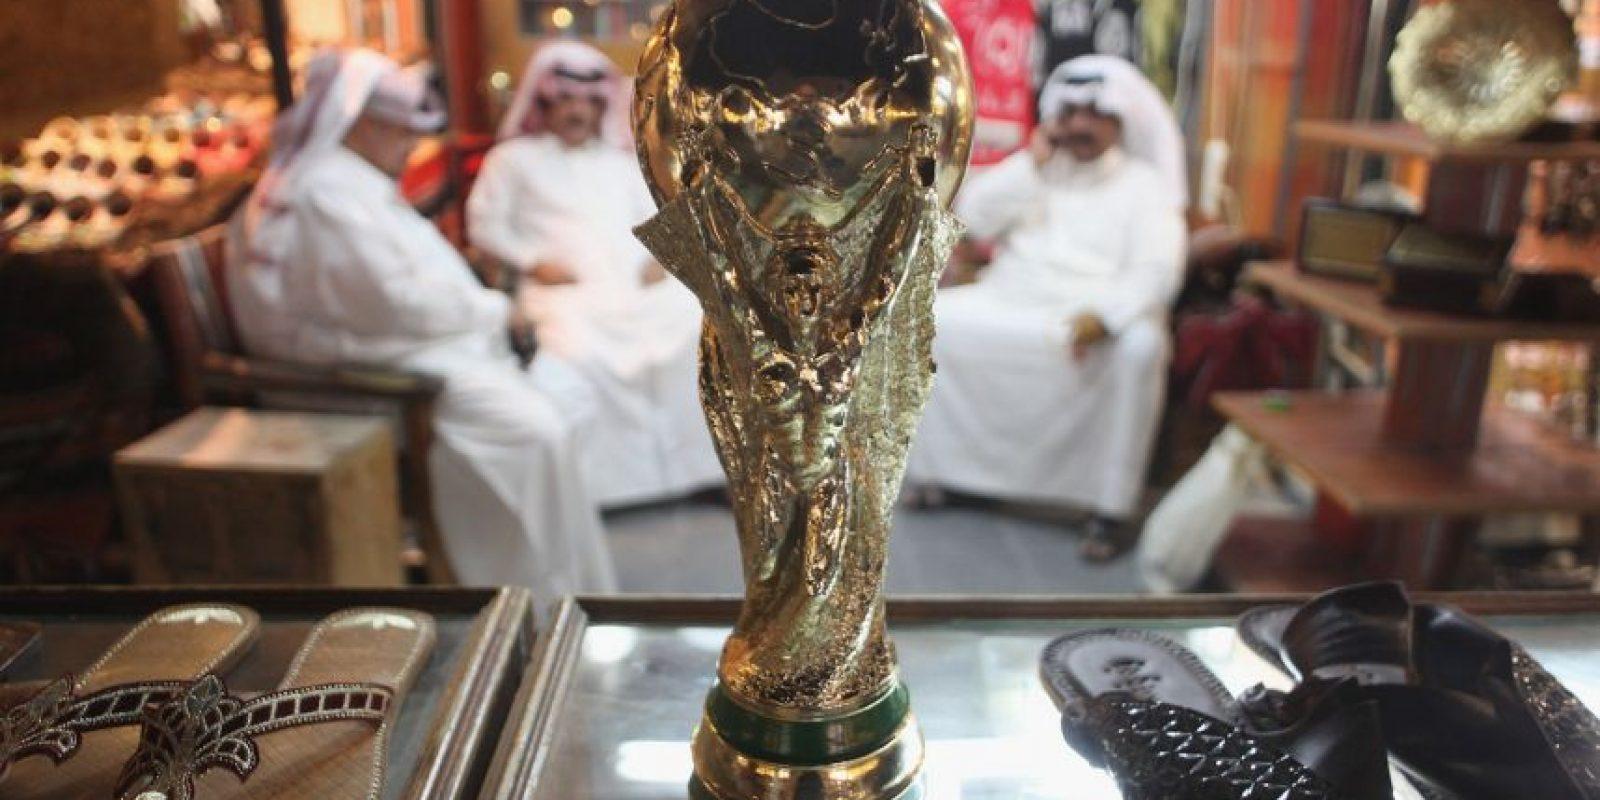 La decisión de darle la Copa del Mundo de 2022 a Catar fue una de las más polémicas de su administración Foto:Getty Images